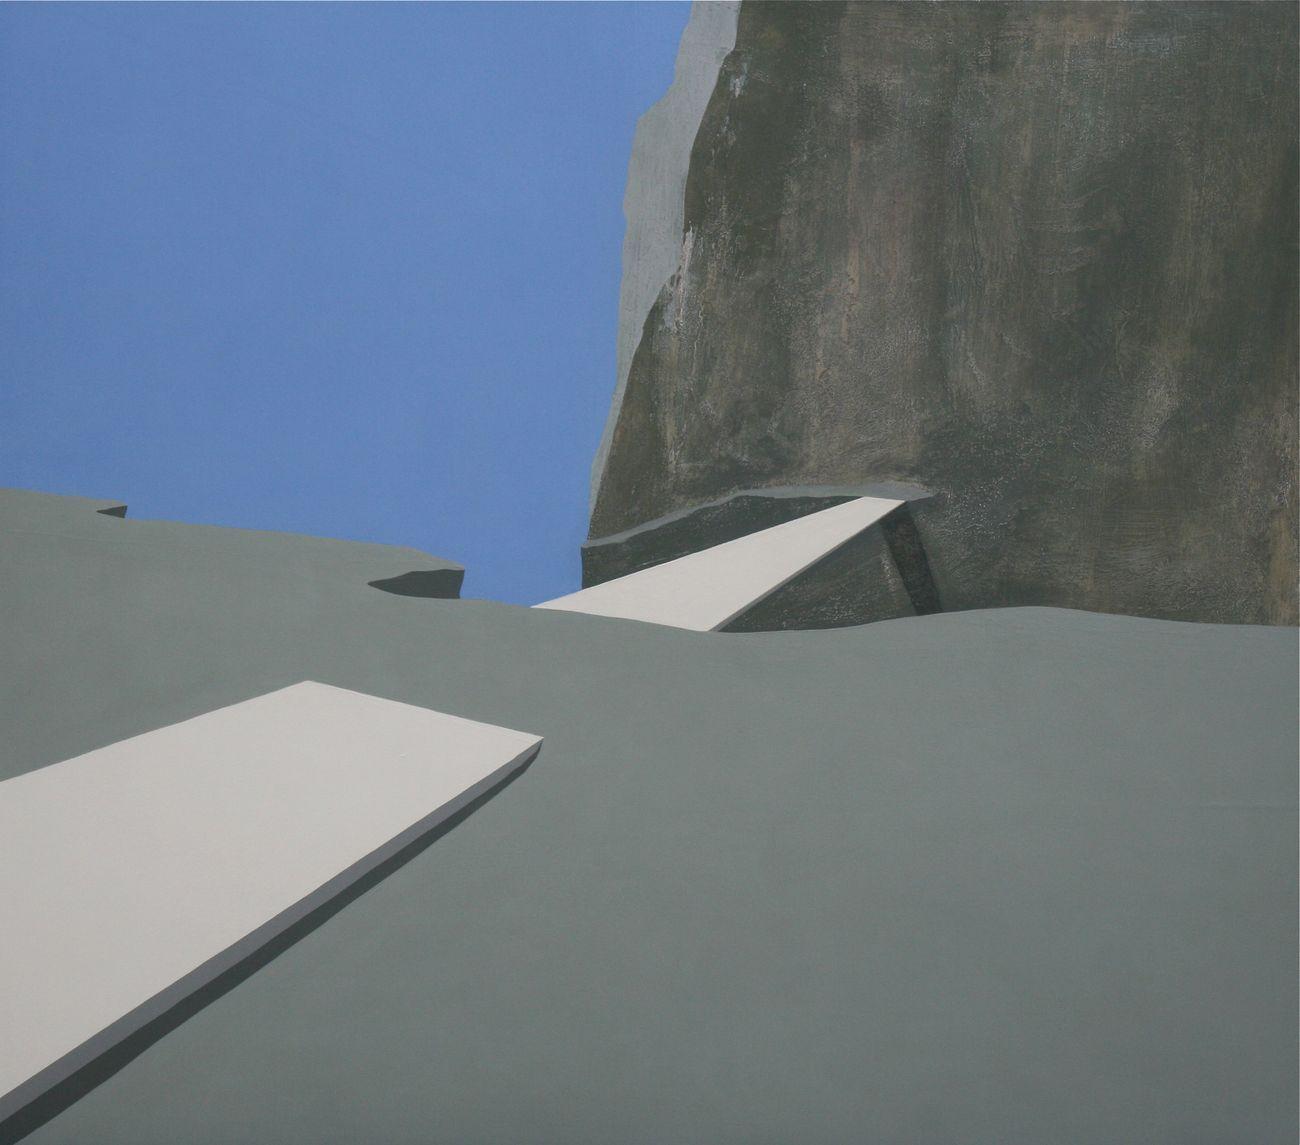 Pierpaolo Curti, White Bridge, 2010, tecnica mista su tavola, 200x200 cm